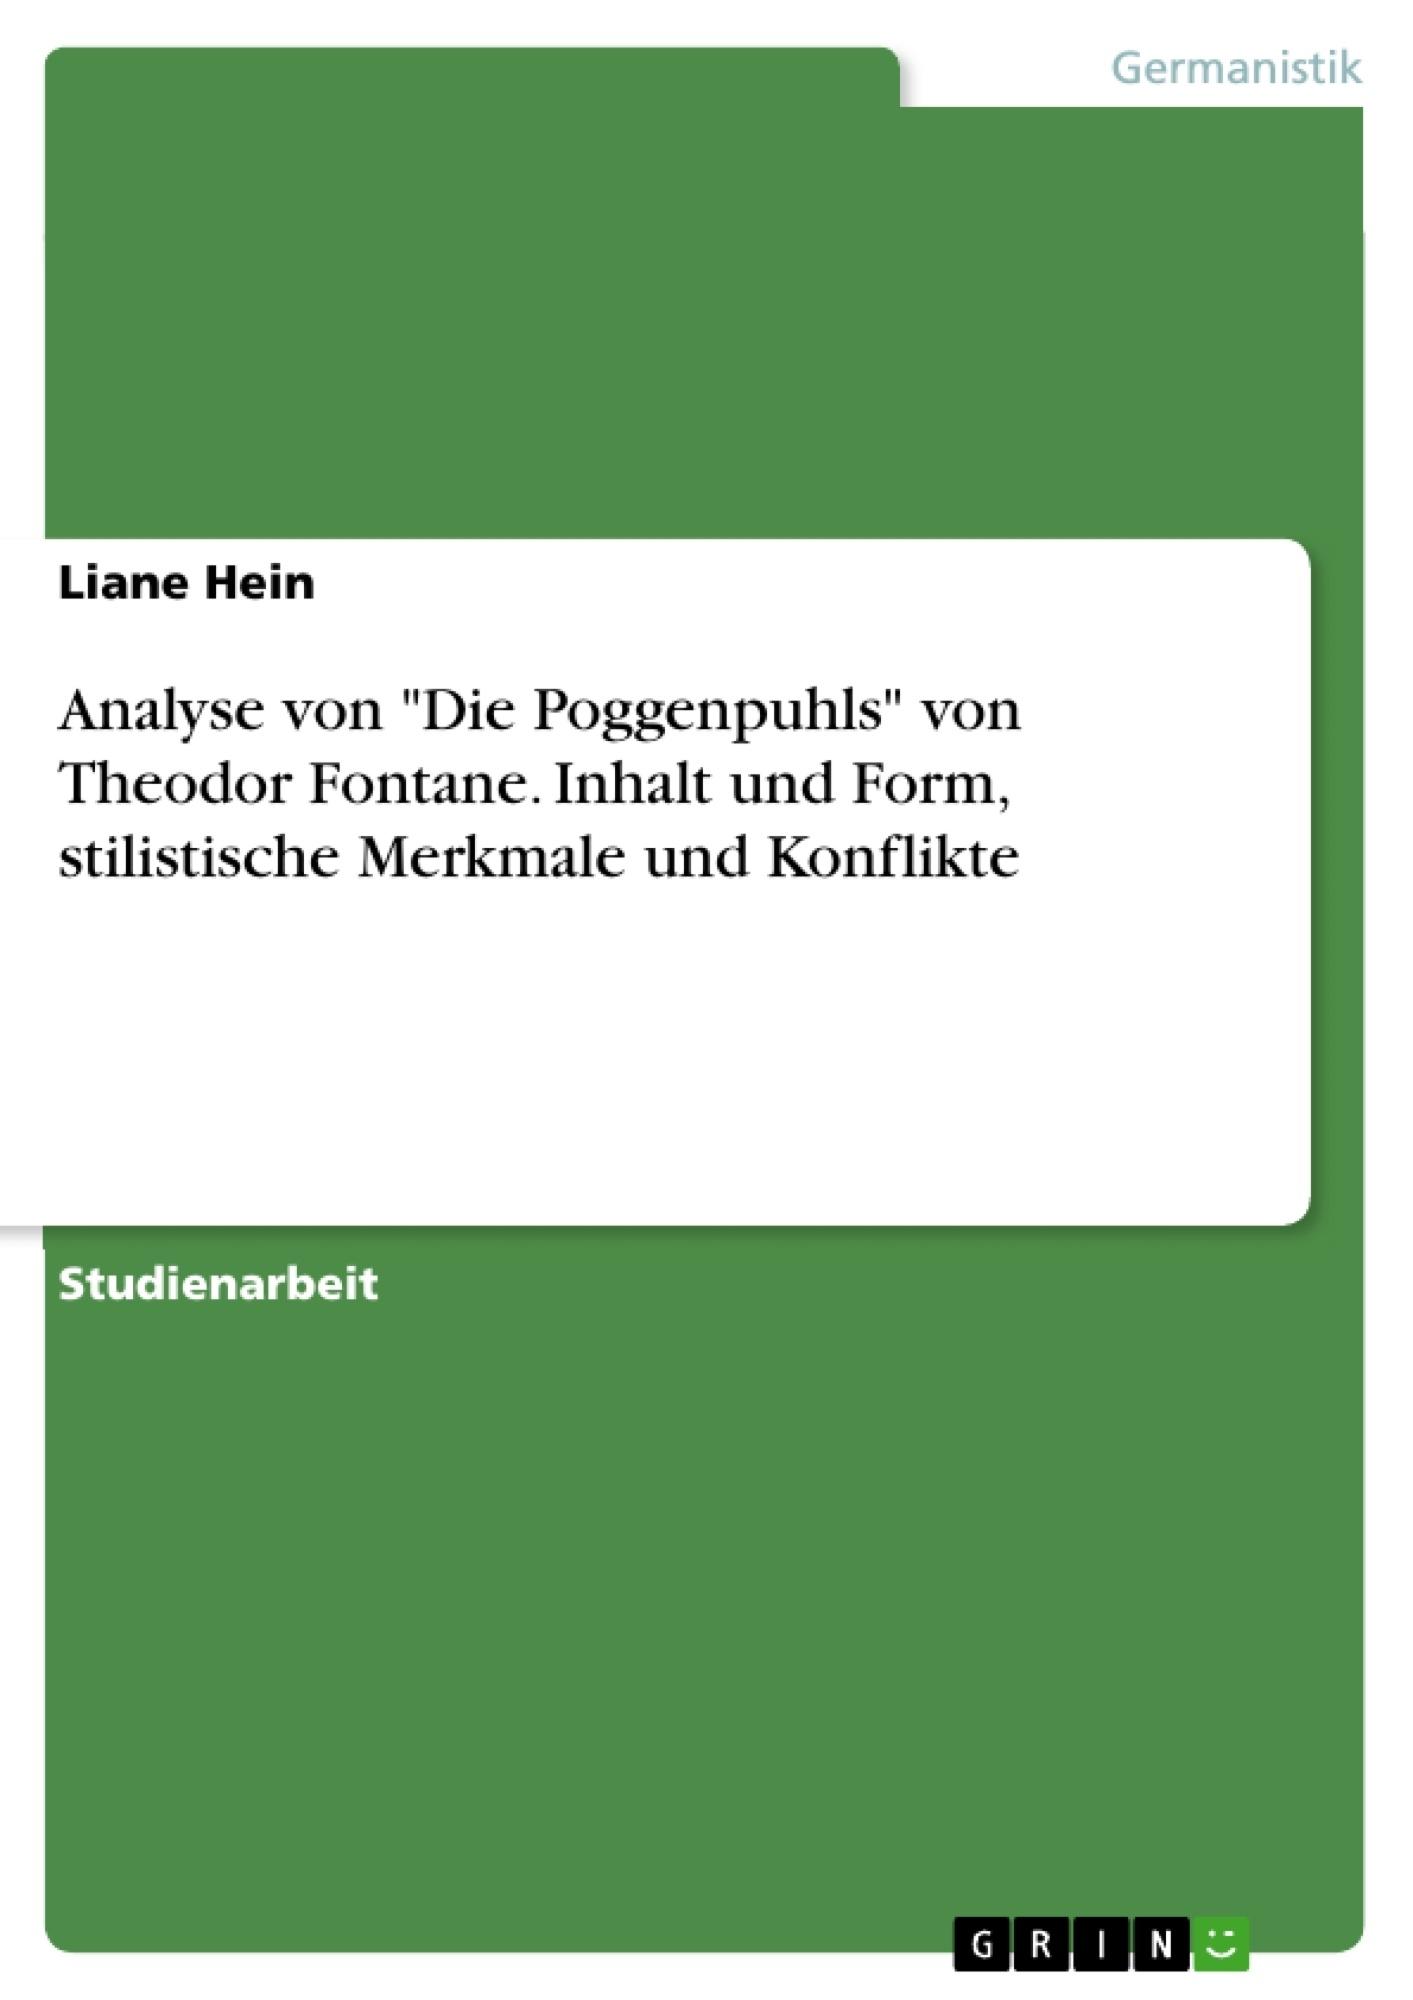 """Titel: Analyse von """"Die Poggenpuhls"""" von Theodor Fontane. Inhalt und Form, stilistische Merkmale und Konflikte"""